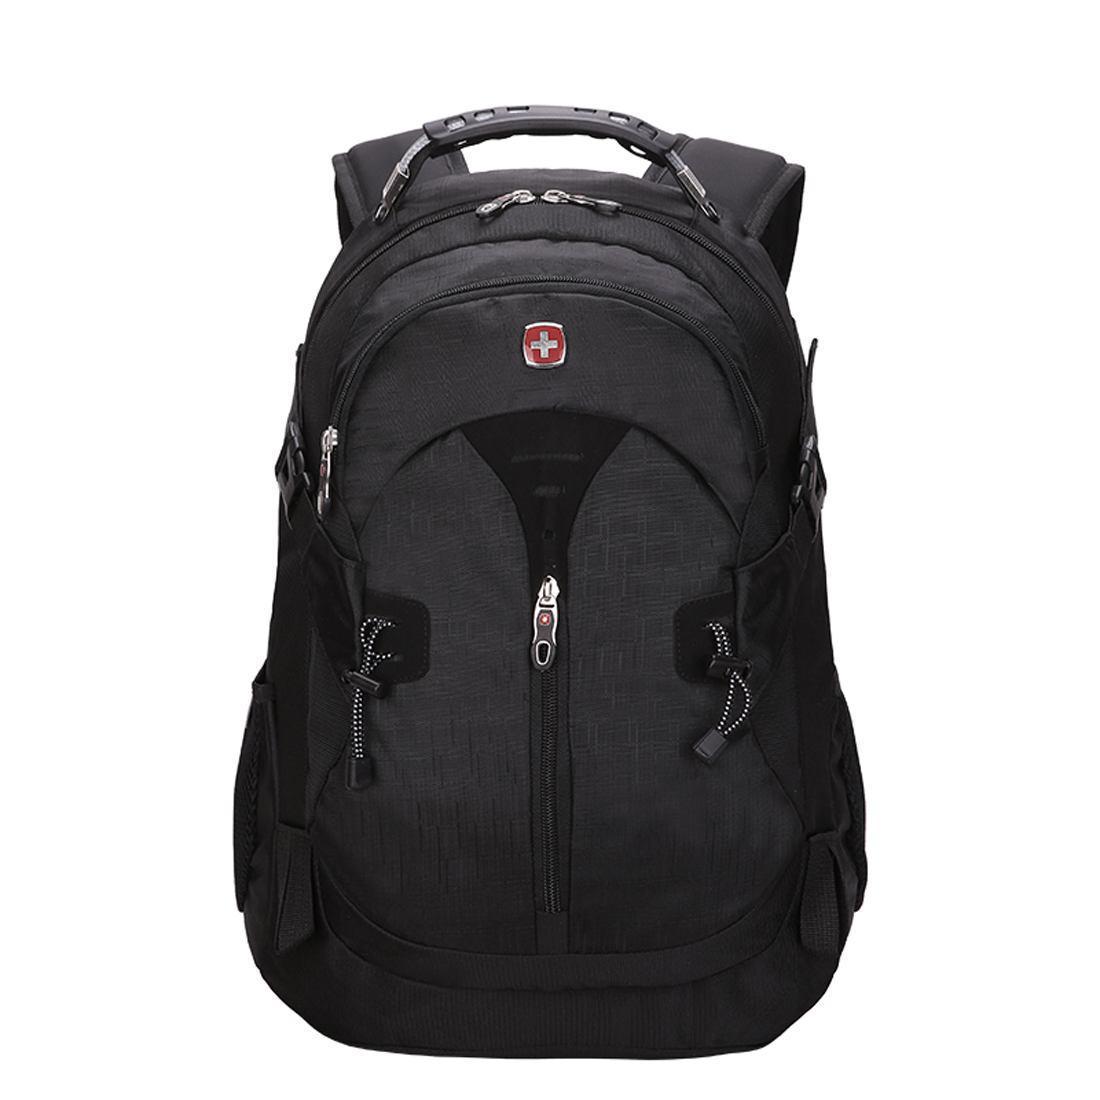 Вместительный рюкзак SwissGear Wenger, свисгир. Черный. + Дождевик. / s7255 black, фото 1